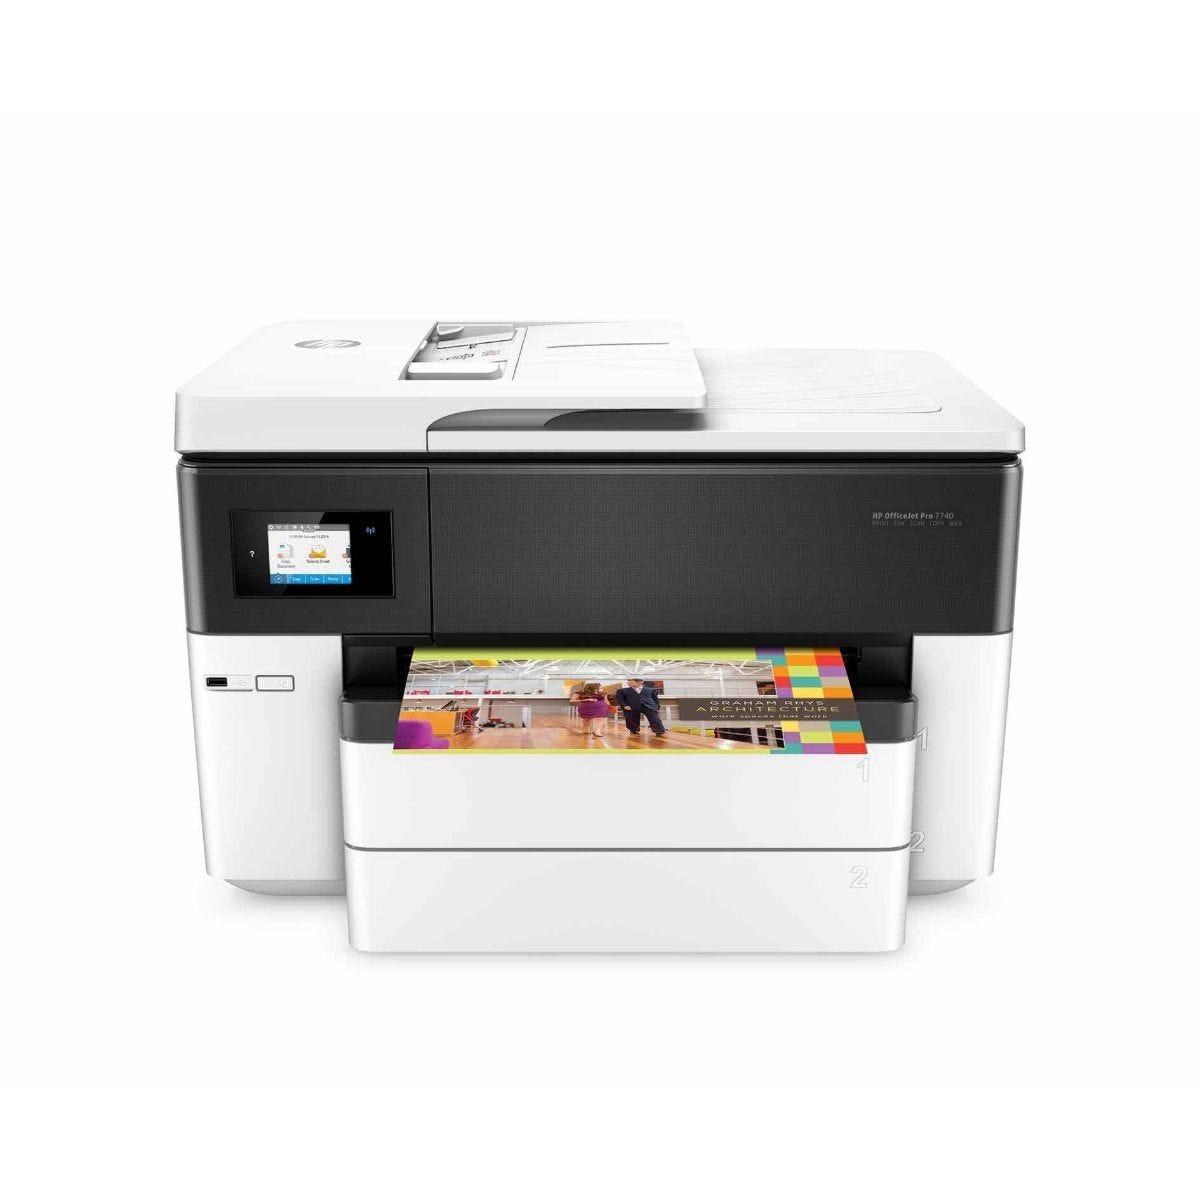 HP Officejet Pro 7740 All in One Wireless Inkjet Printer